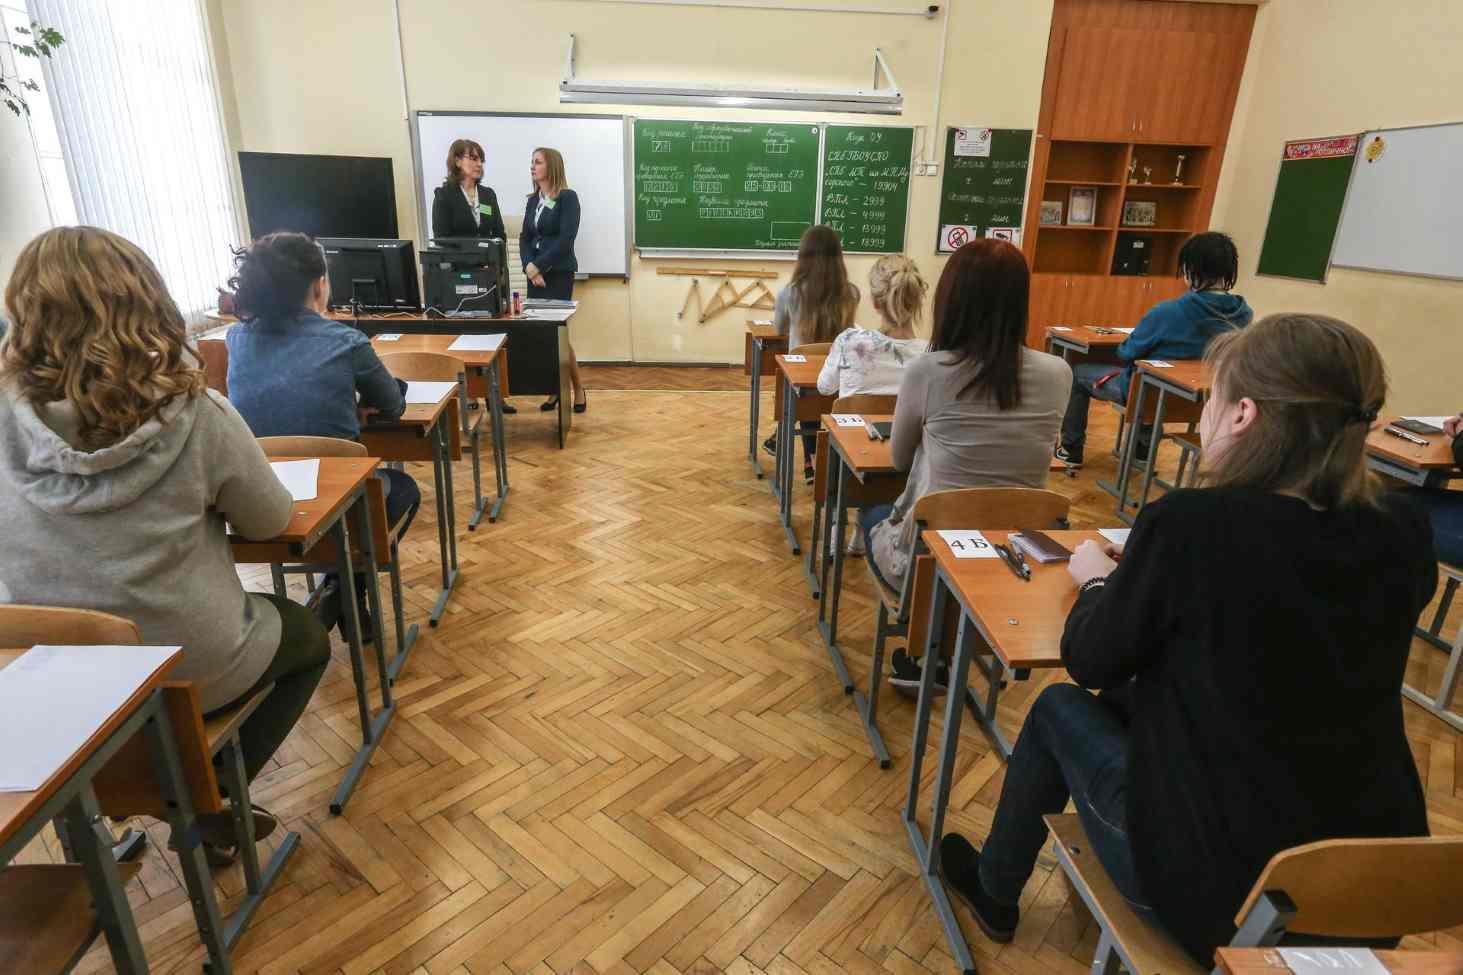 fipi-predstavil-demoversii-gve-dlya-11-h-klassov